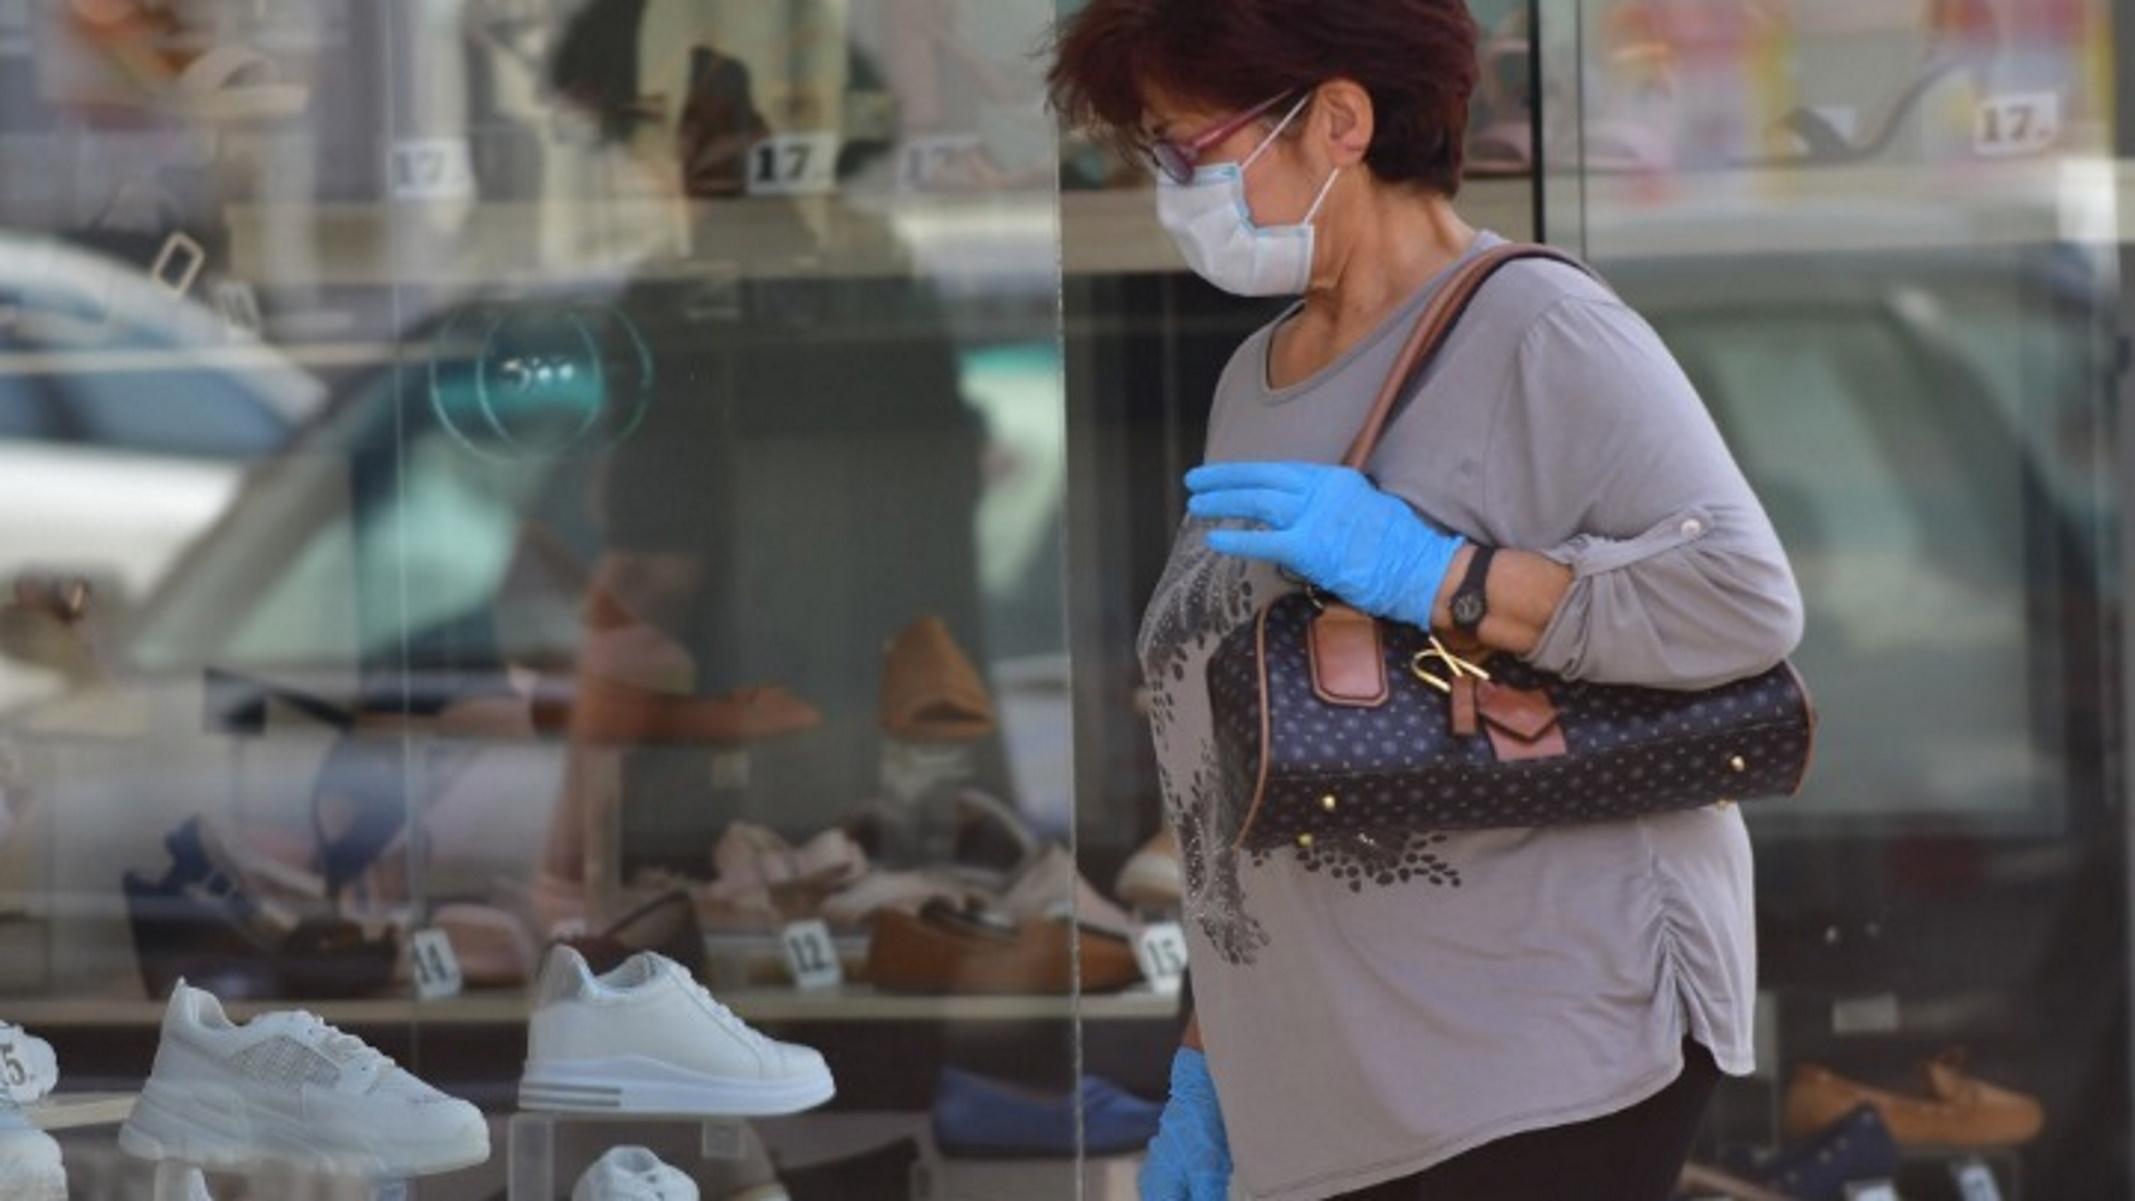 Lockdown – Θεσσαλονίκη: «Πανδημία» λουκέτων στο εμπόριο – «Μας τσάκισαν τα χρέη»